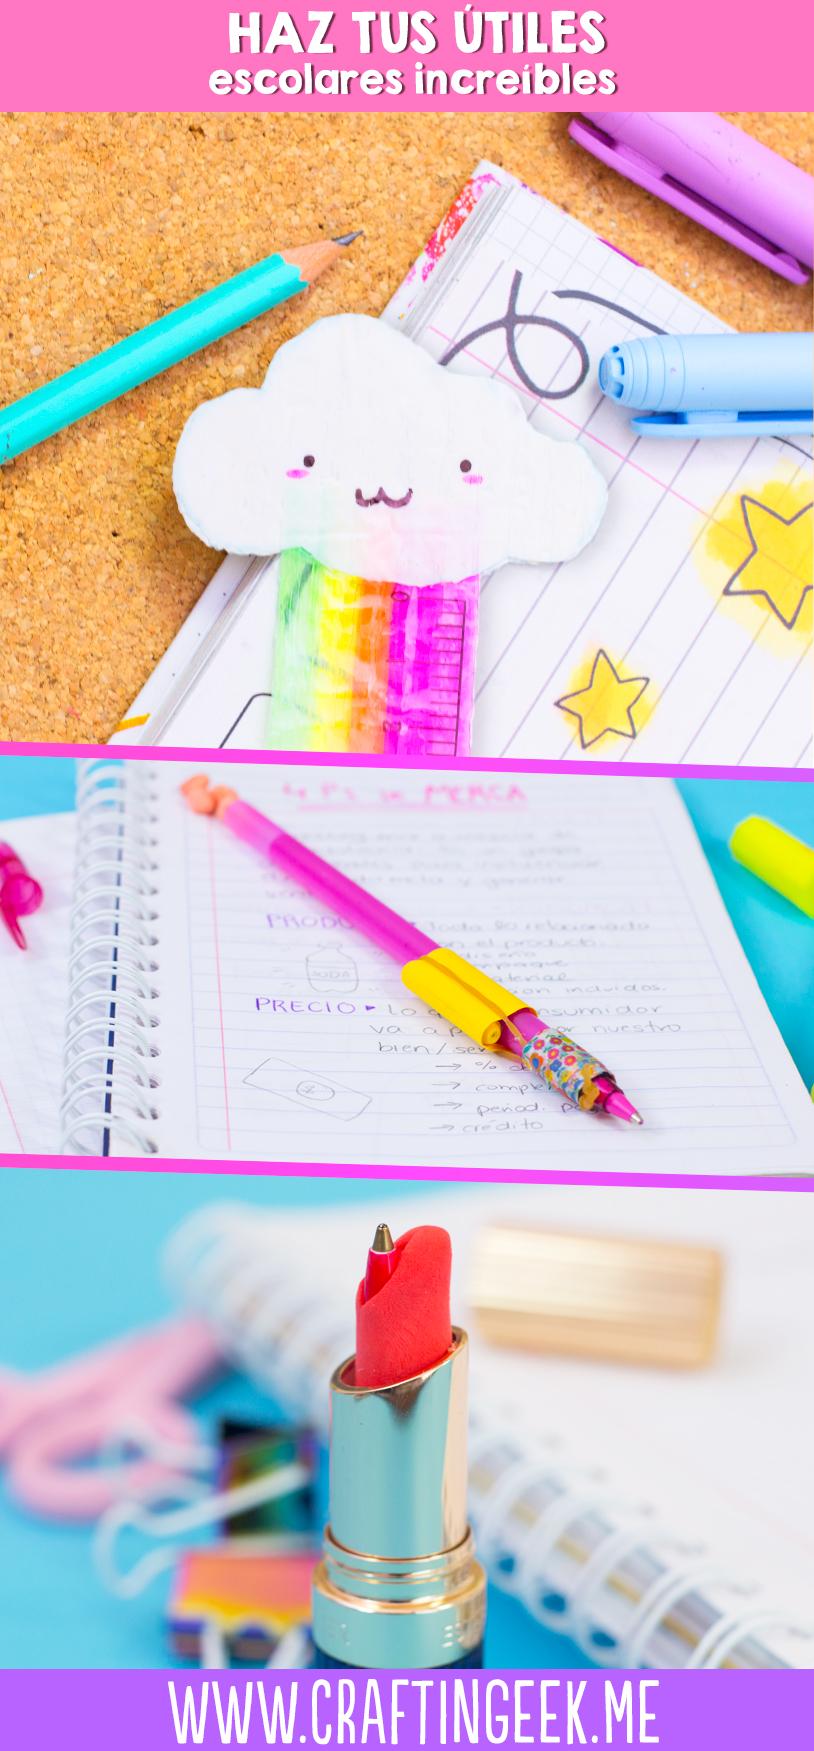 Haz tus propios útiles escolares! DIY School supplies